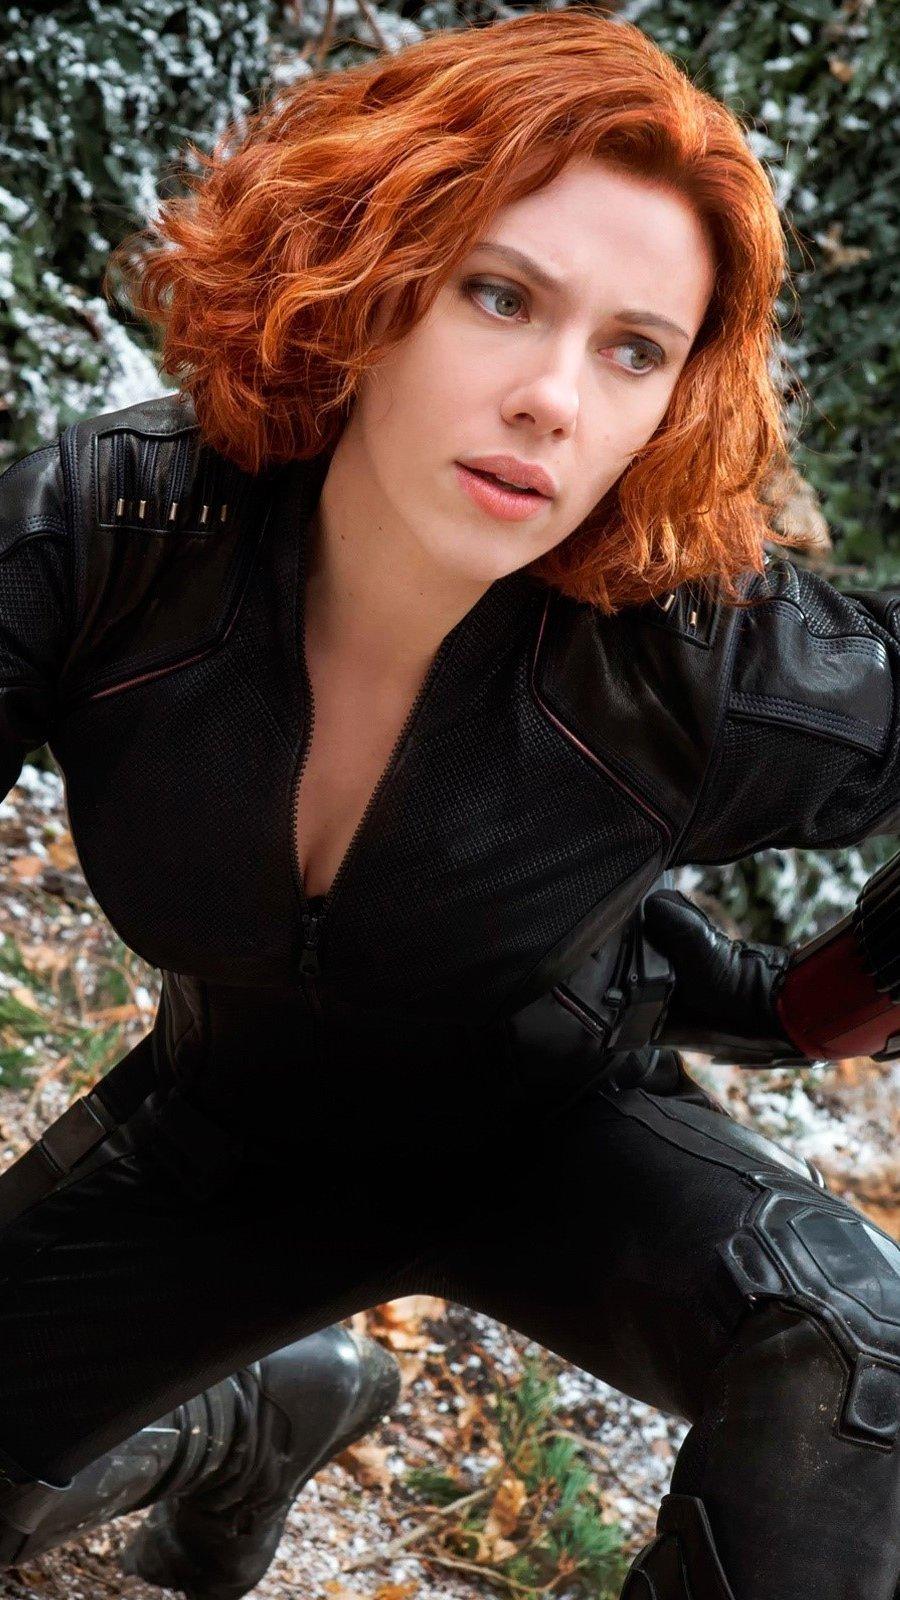 Fondos de pantalla Black Widow en Los Vengadores 2 Vertical